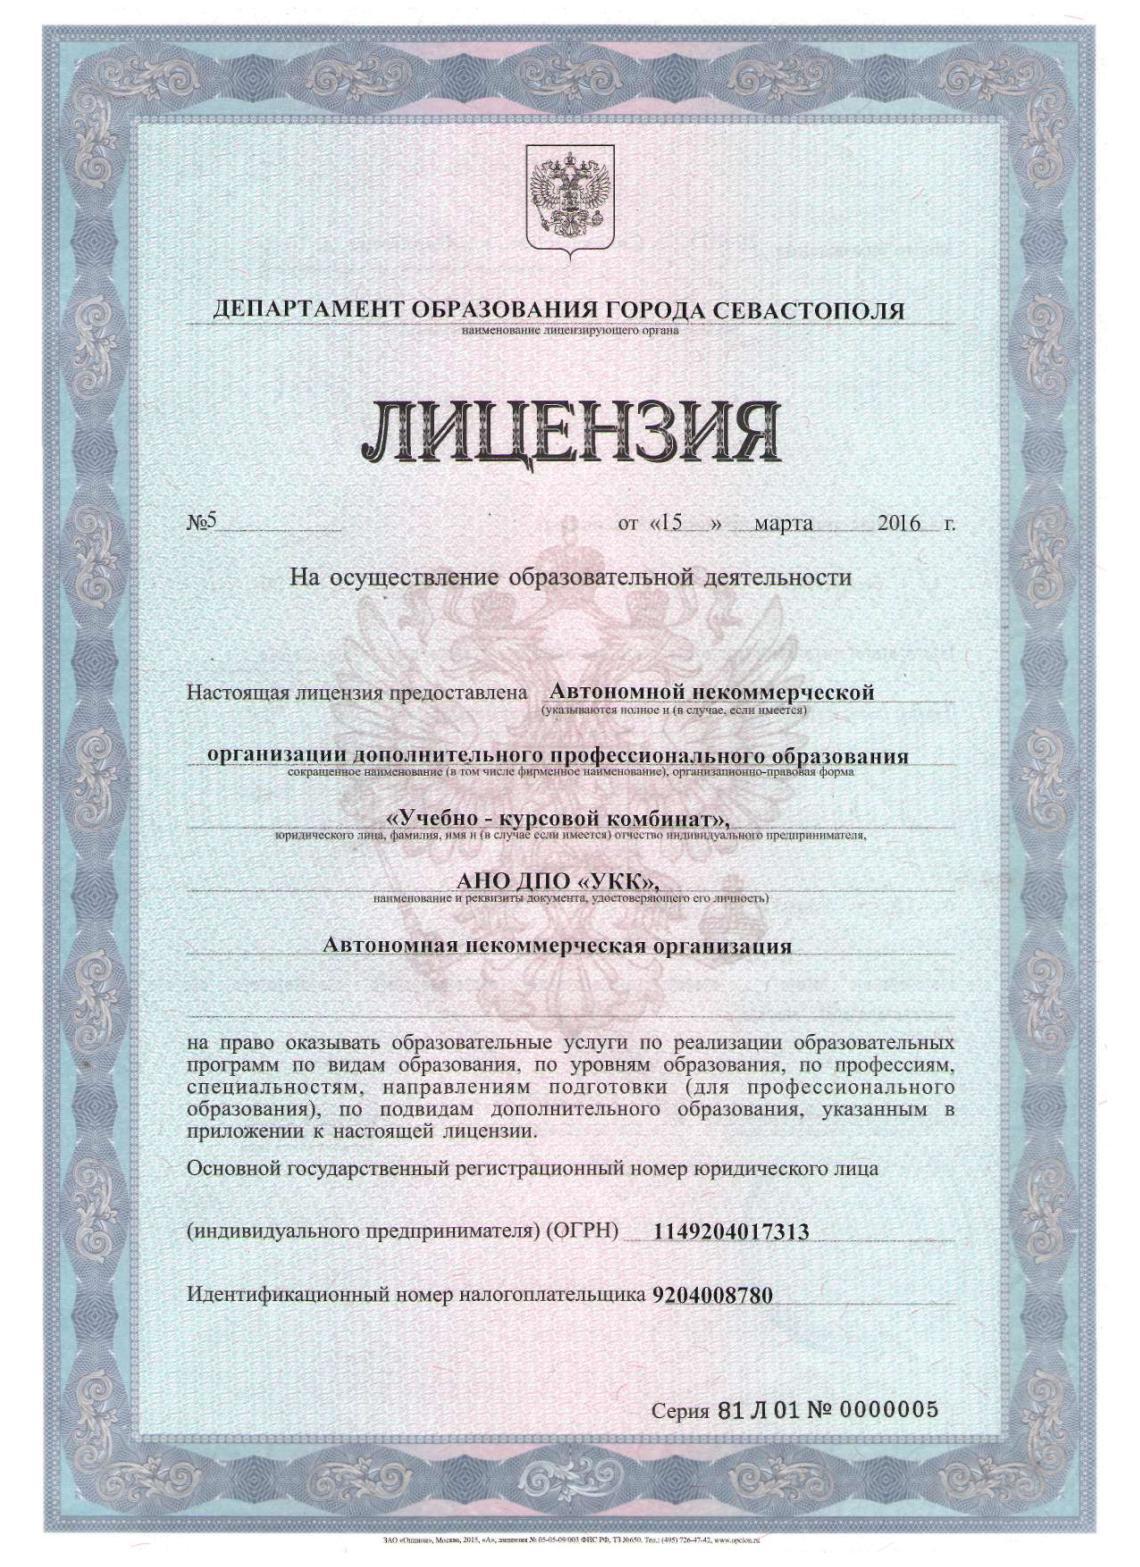 лицензия1_1